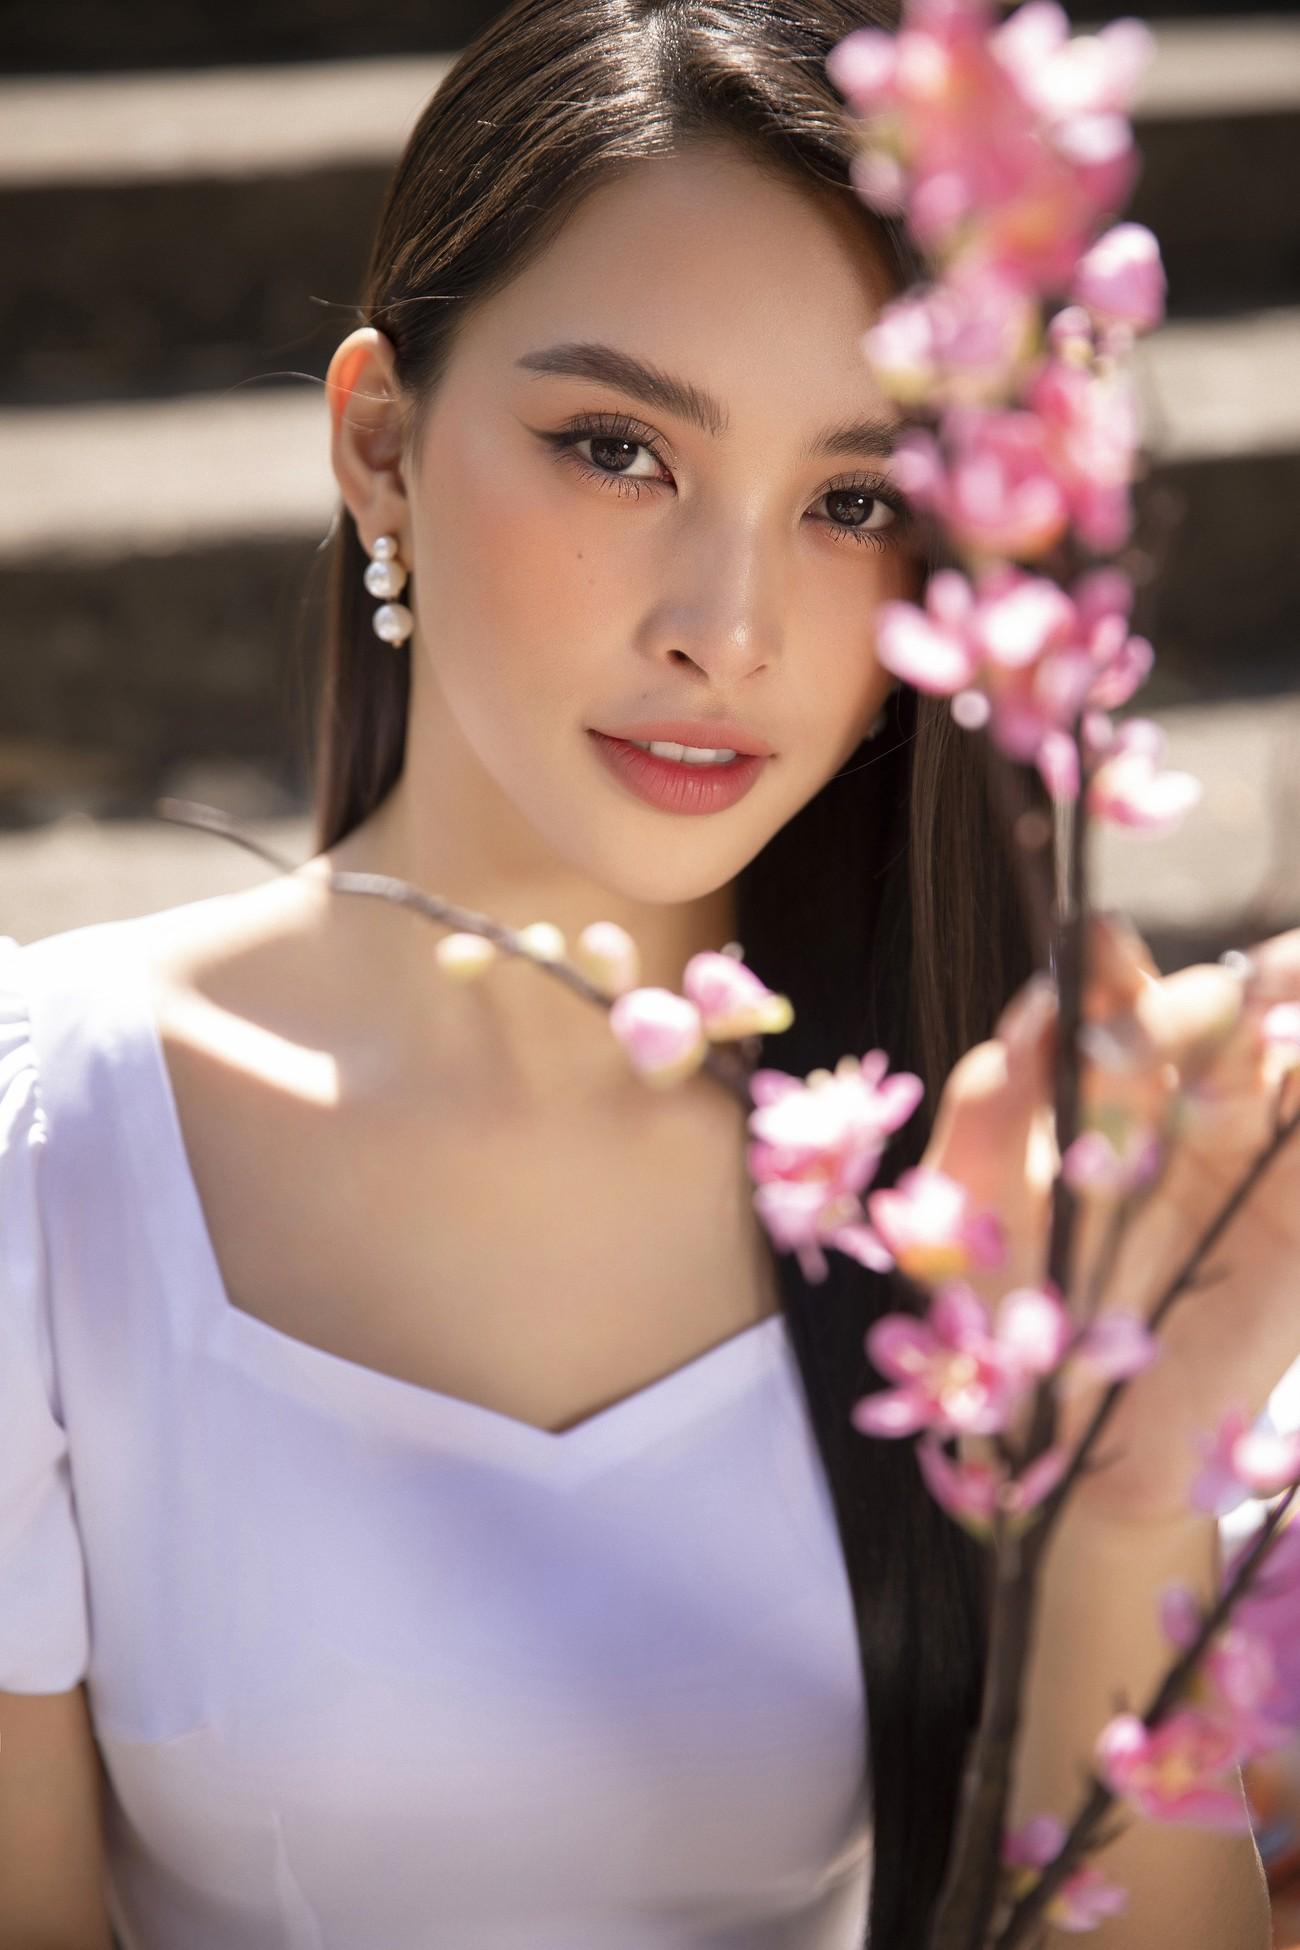 Hoa hậu Tiểu Vy khoe nhan sắc 'cực phẩm', đẹp tựa nàng thơ mùa xuân với áo dài Tết ảnh 12